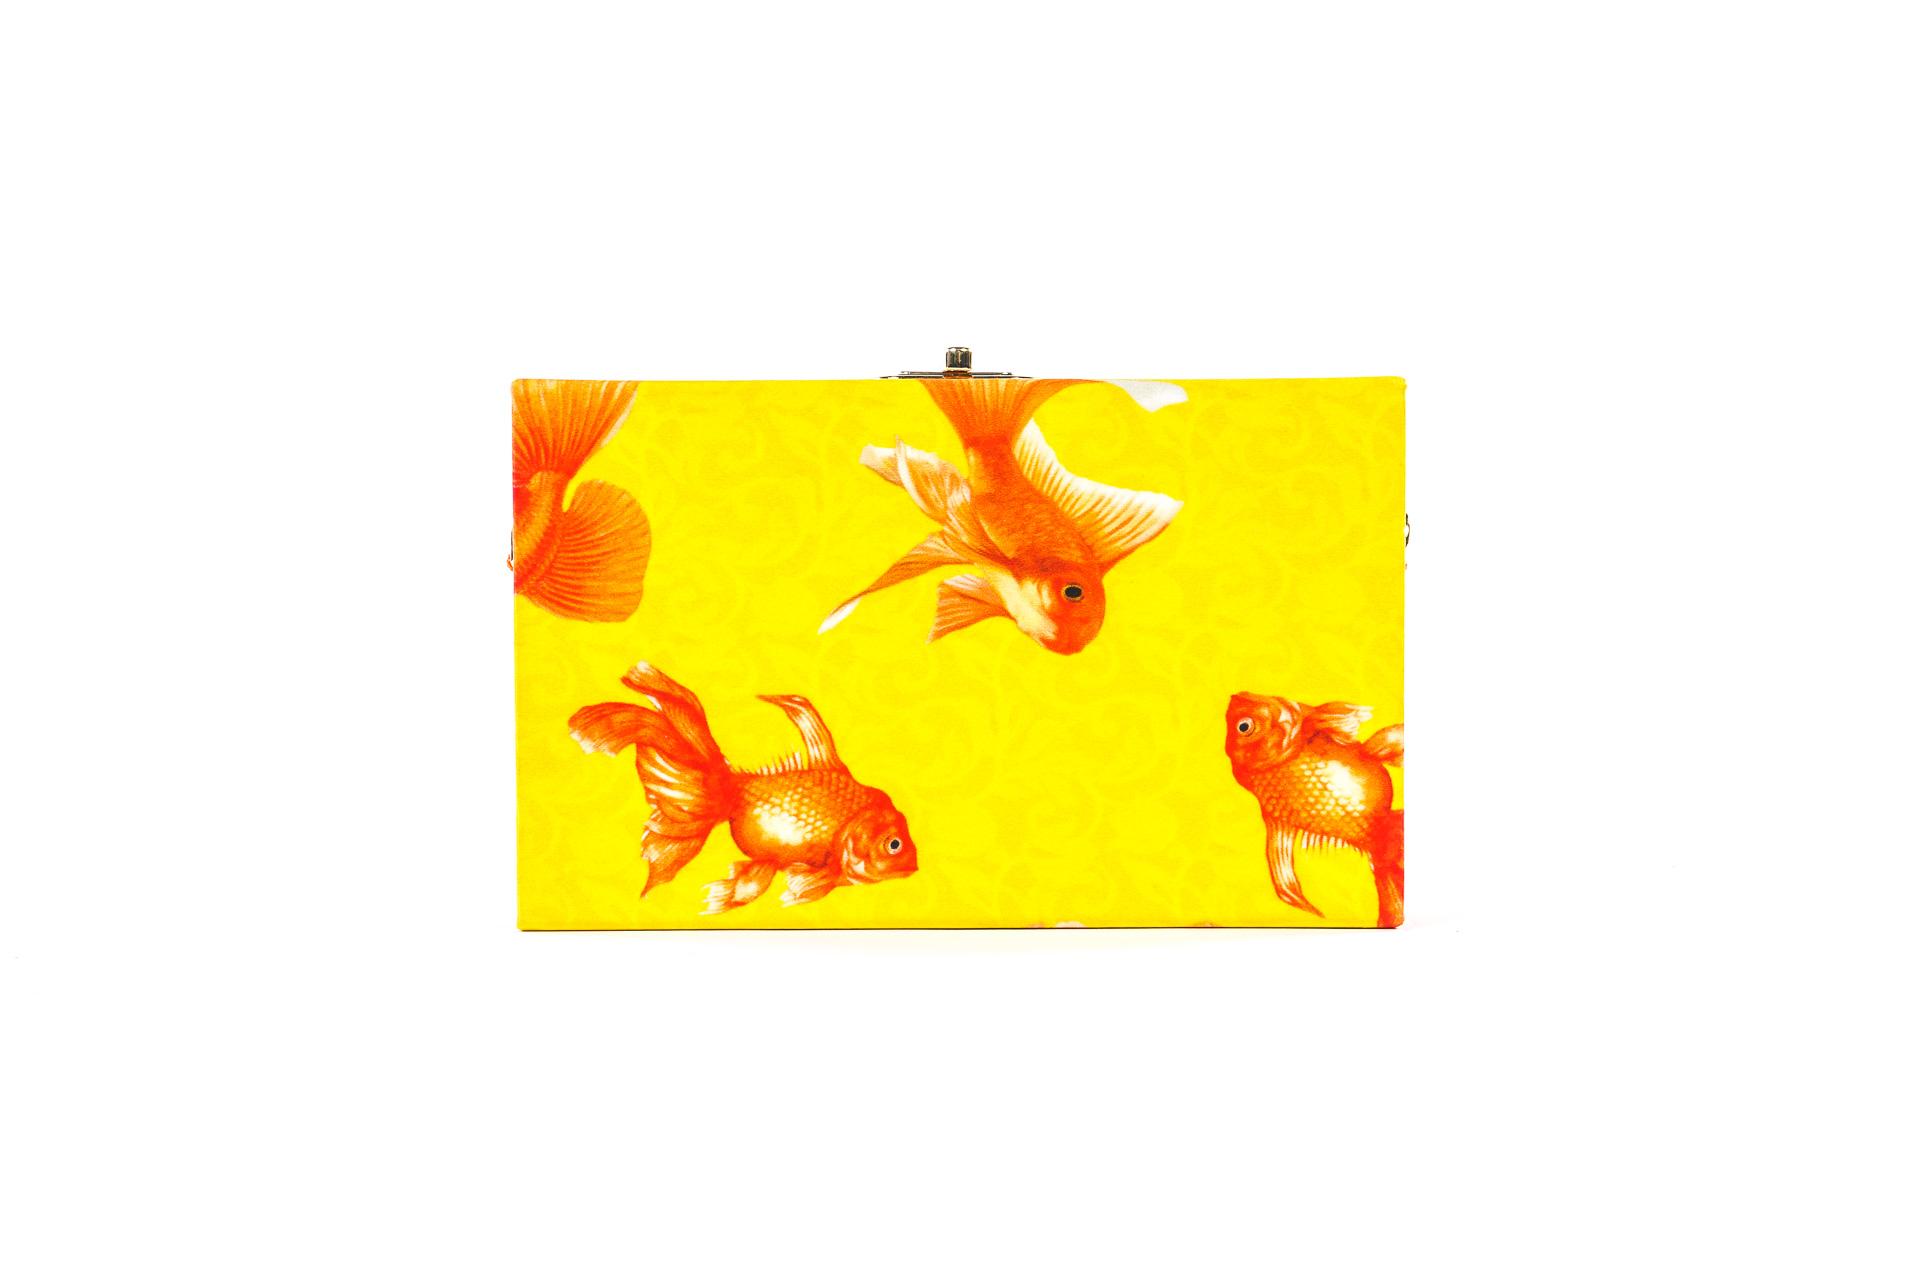 Aquatic Gold